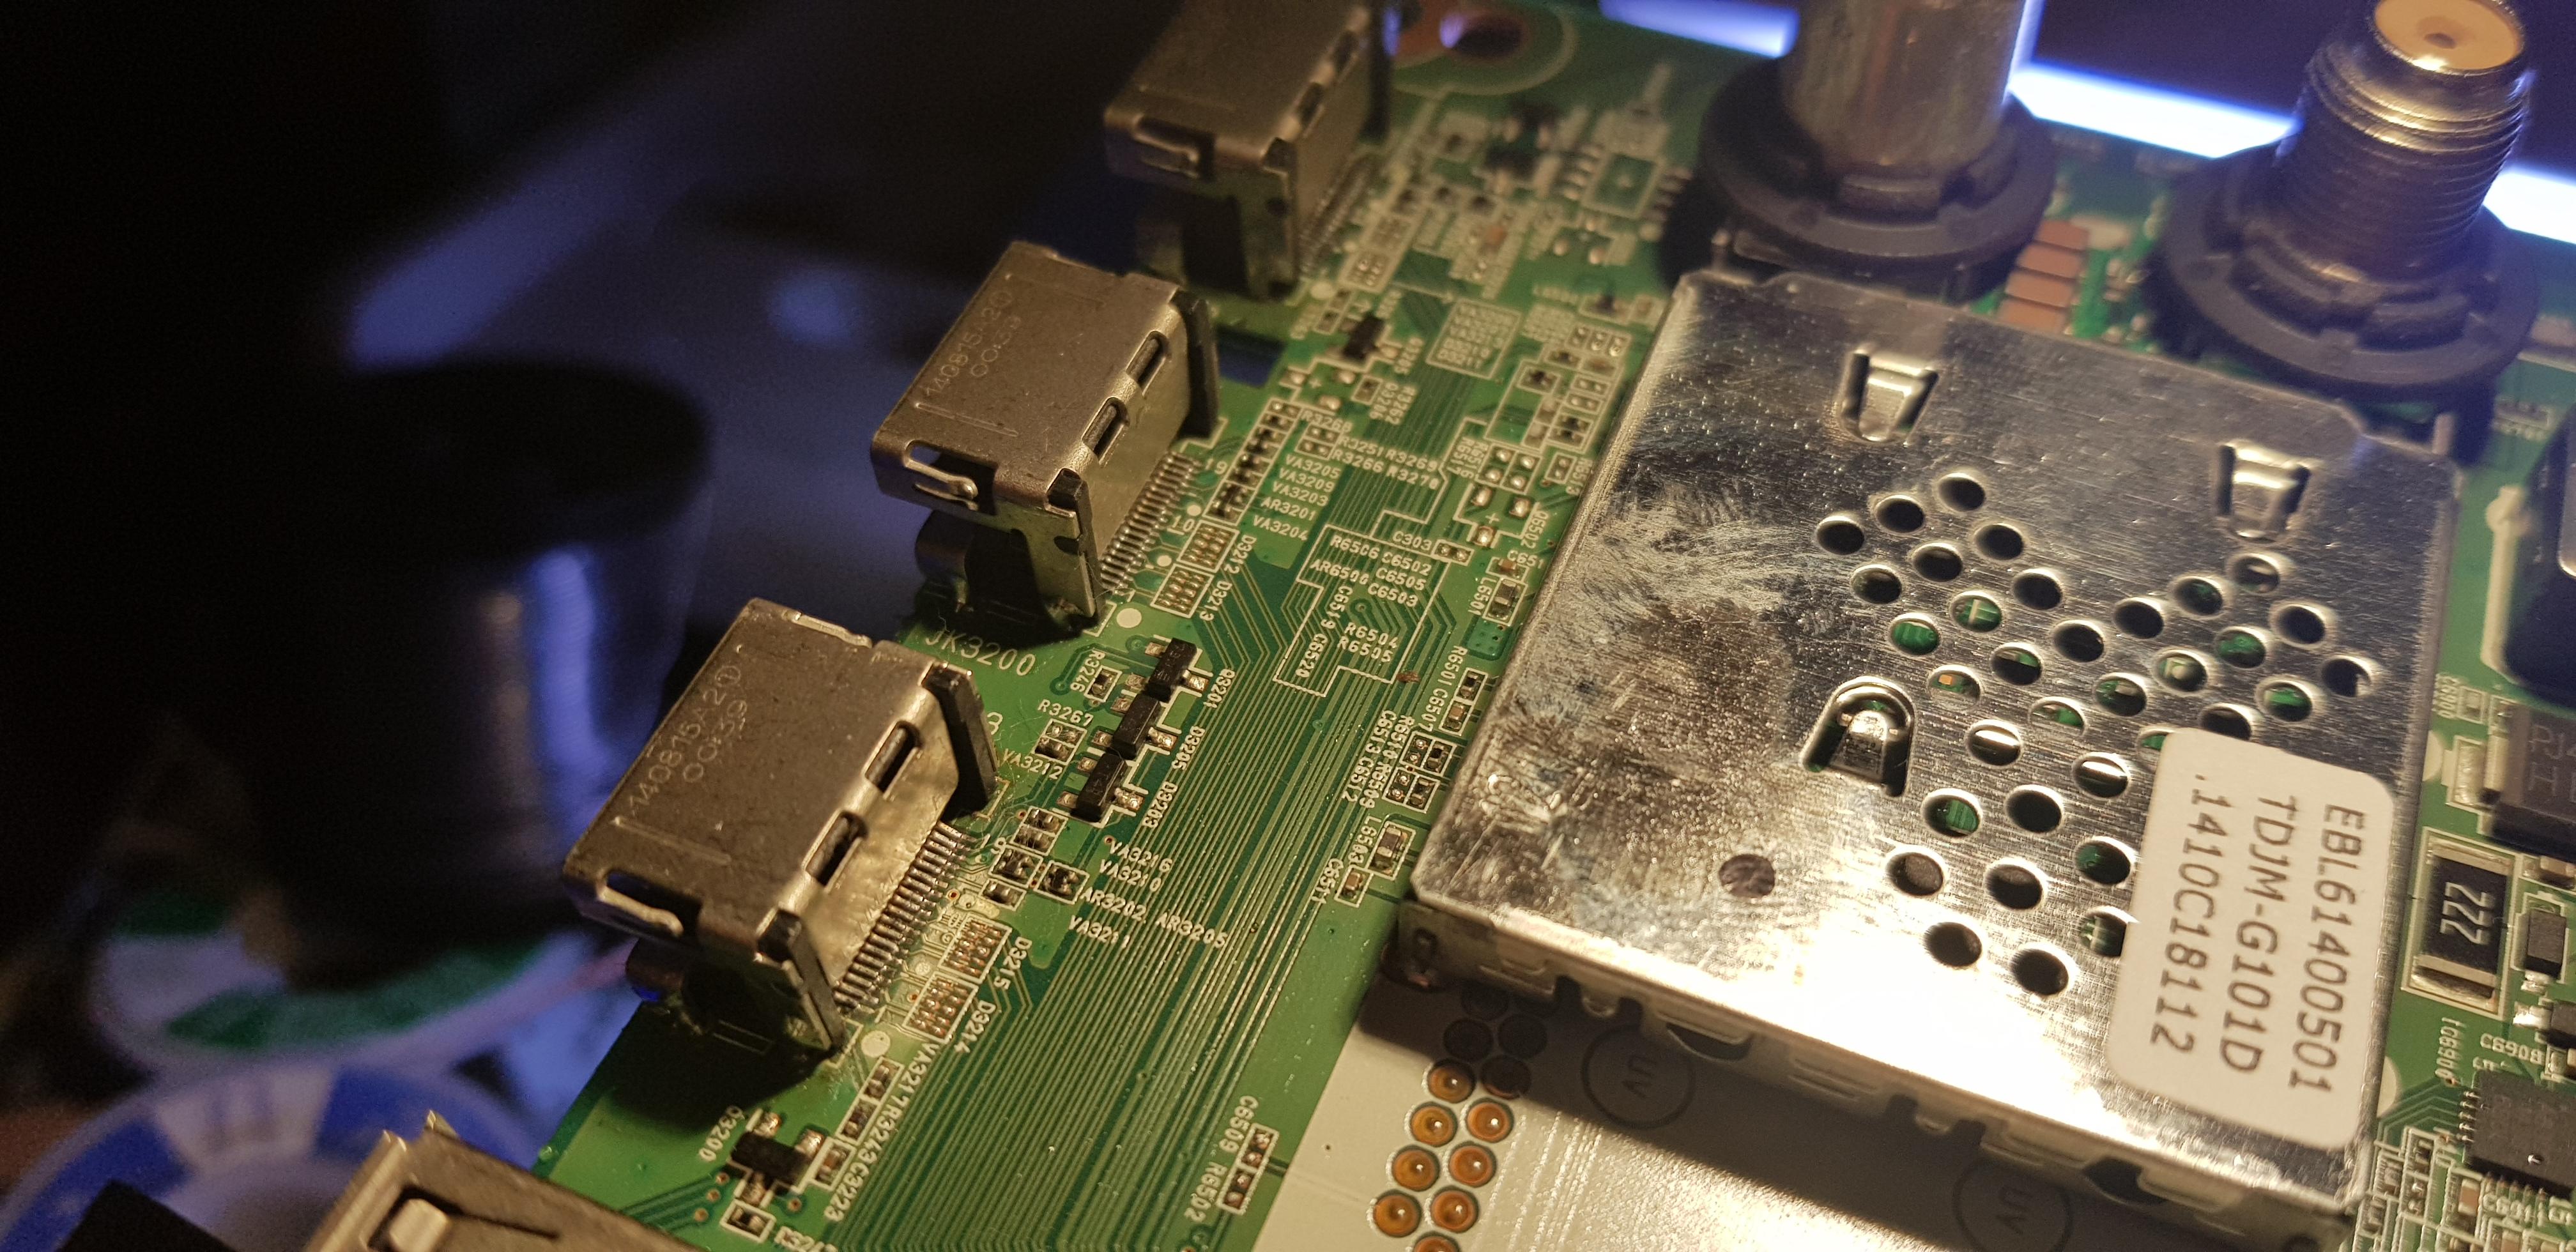 Фото Запаяны 3 шт. HDMI